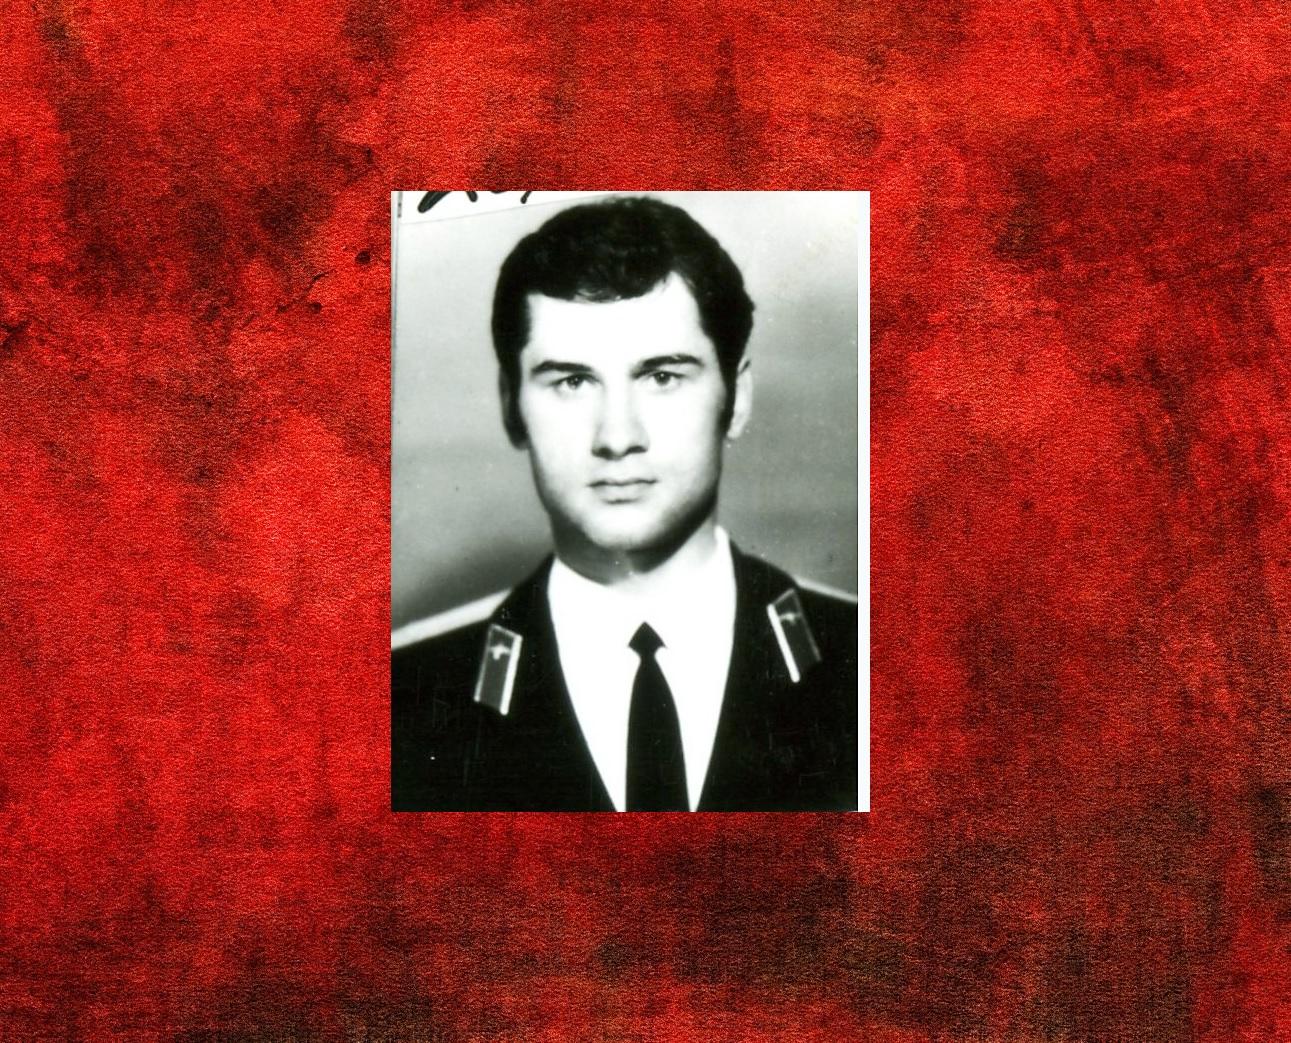 За поступок позорящий высокое звание советского летчика